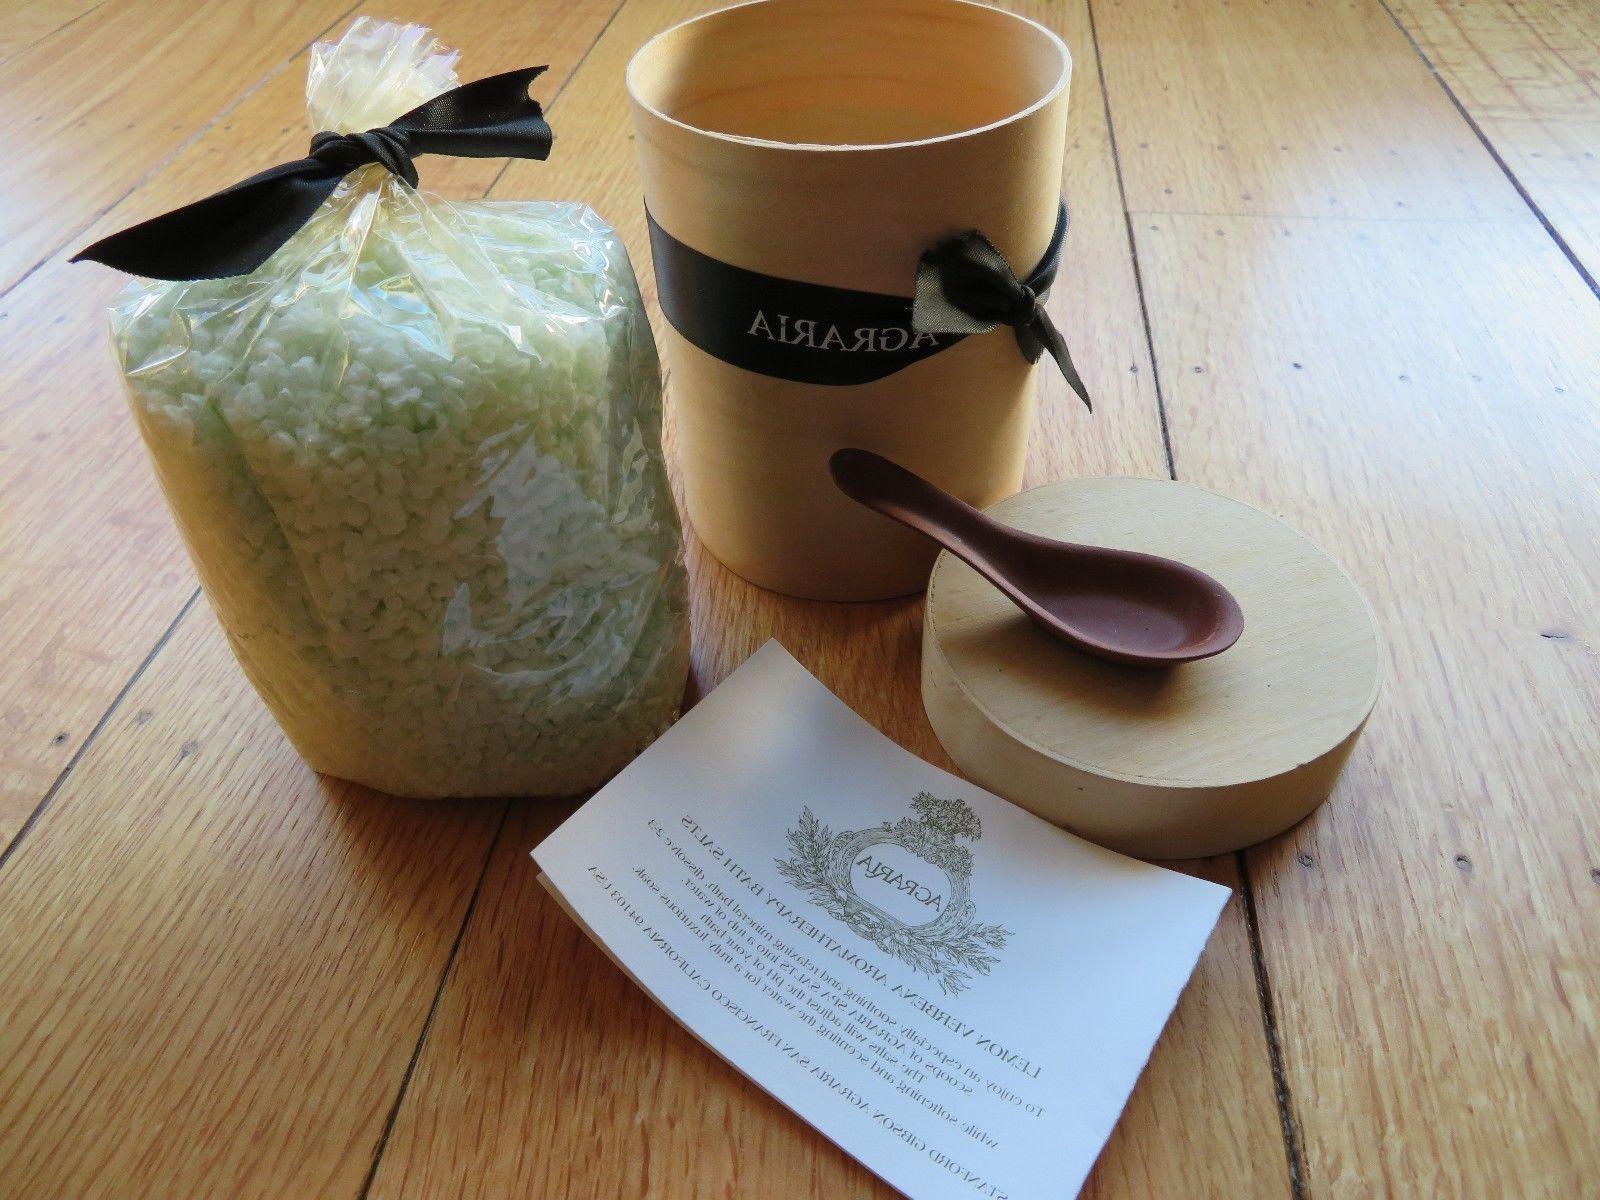 agraria lemon verbena aromatherapy bath salts